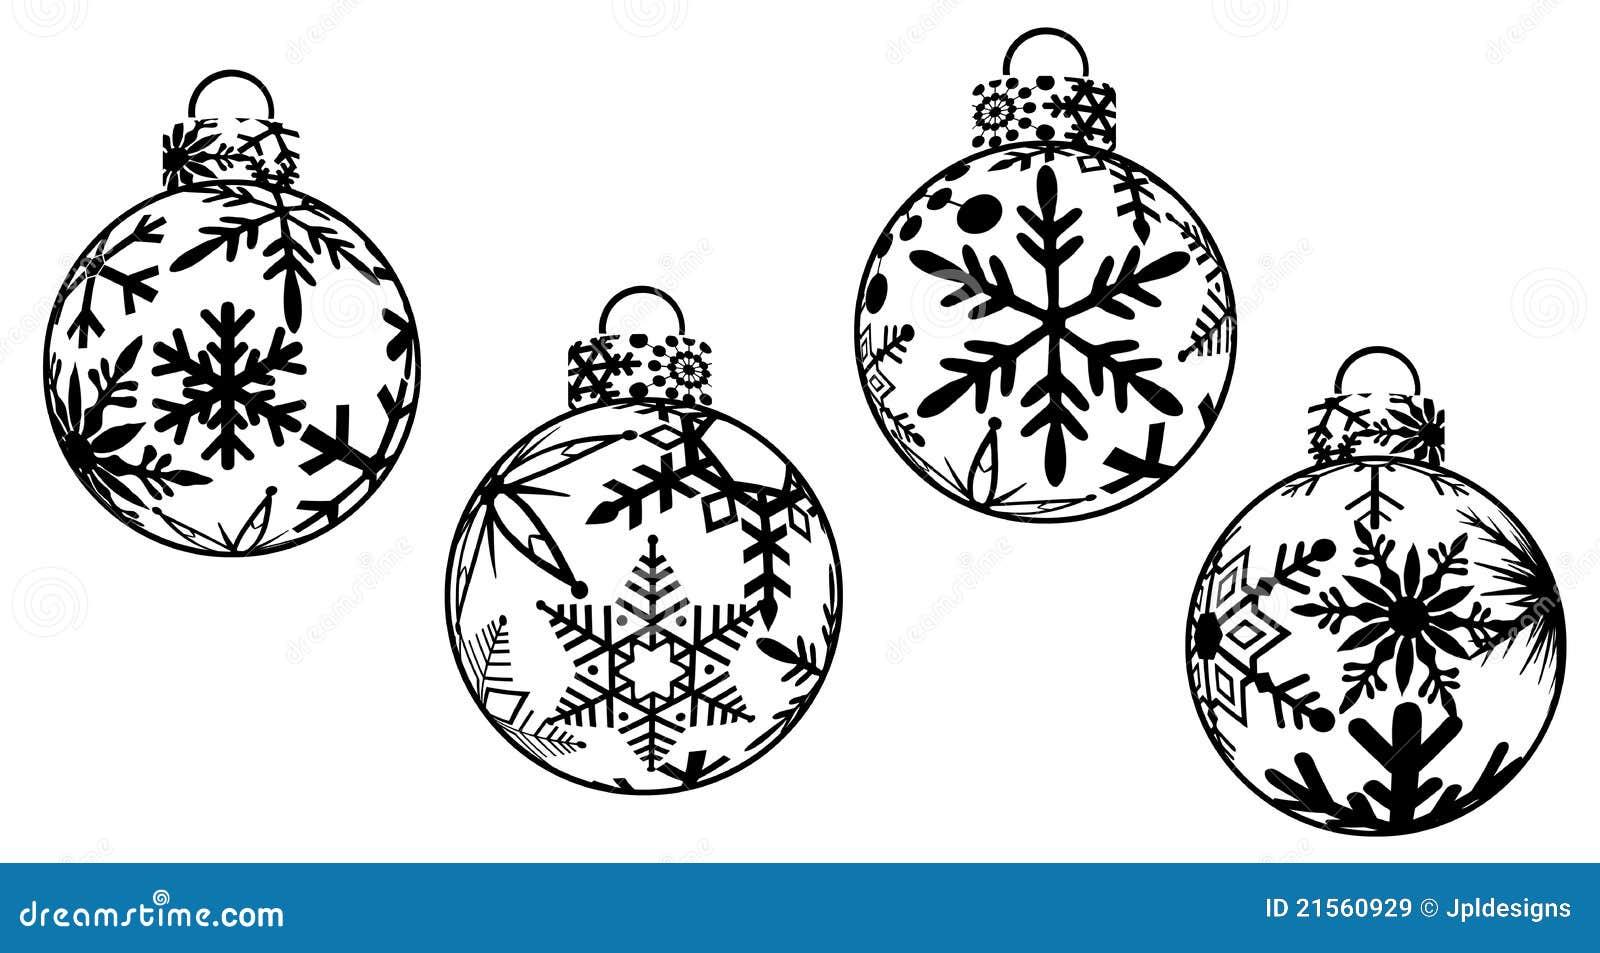 Weihnachten Verziert Clipart Stock Abbildung - Illustration von ...